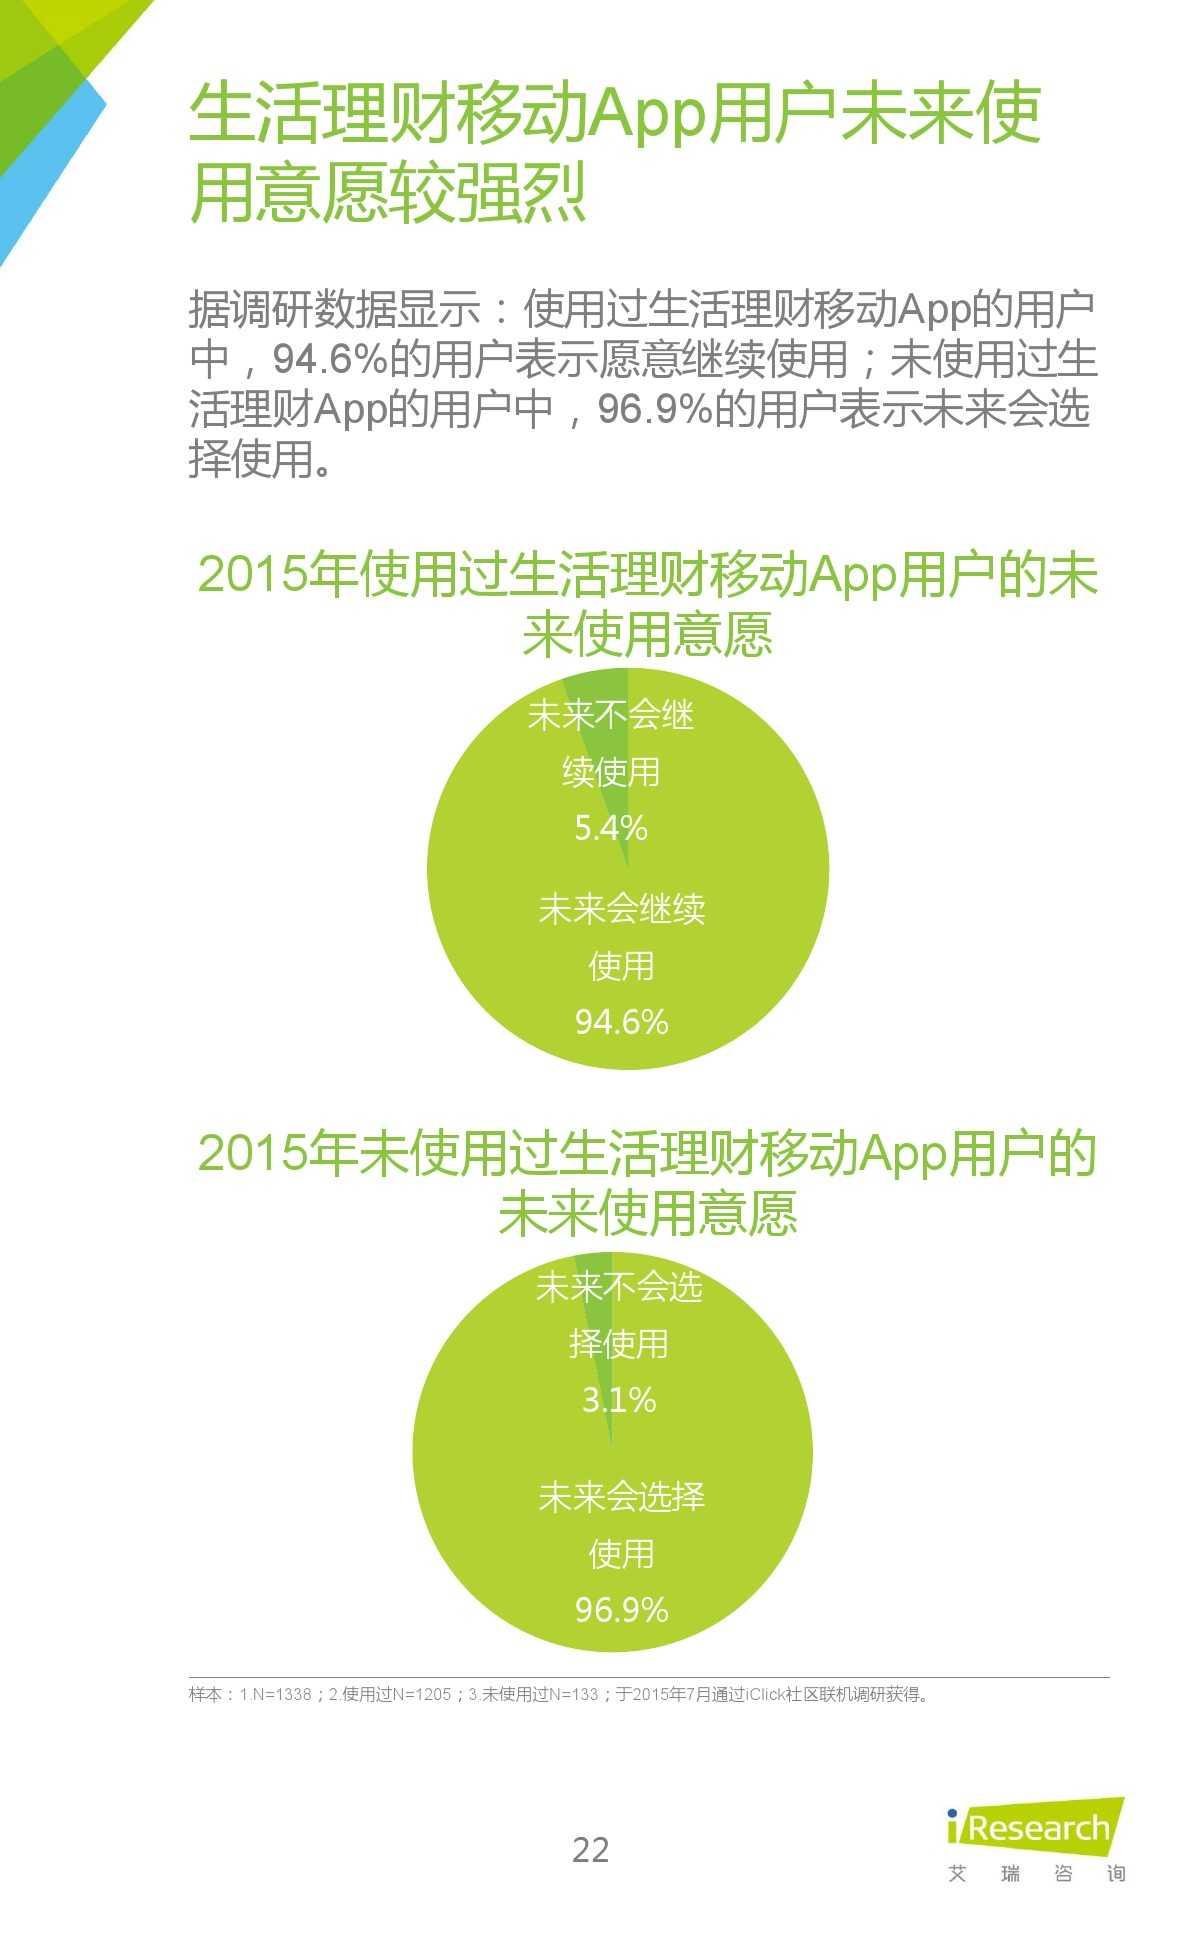 2015年中国生活理财移动App行业研究报告_000022